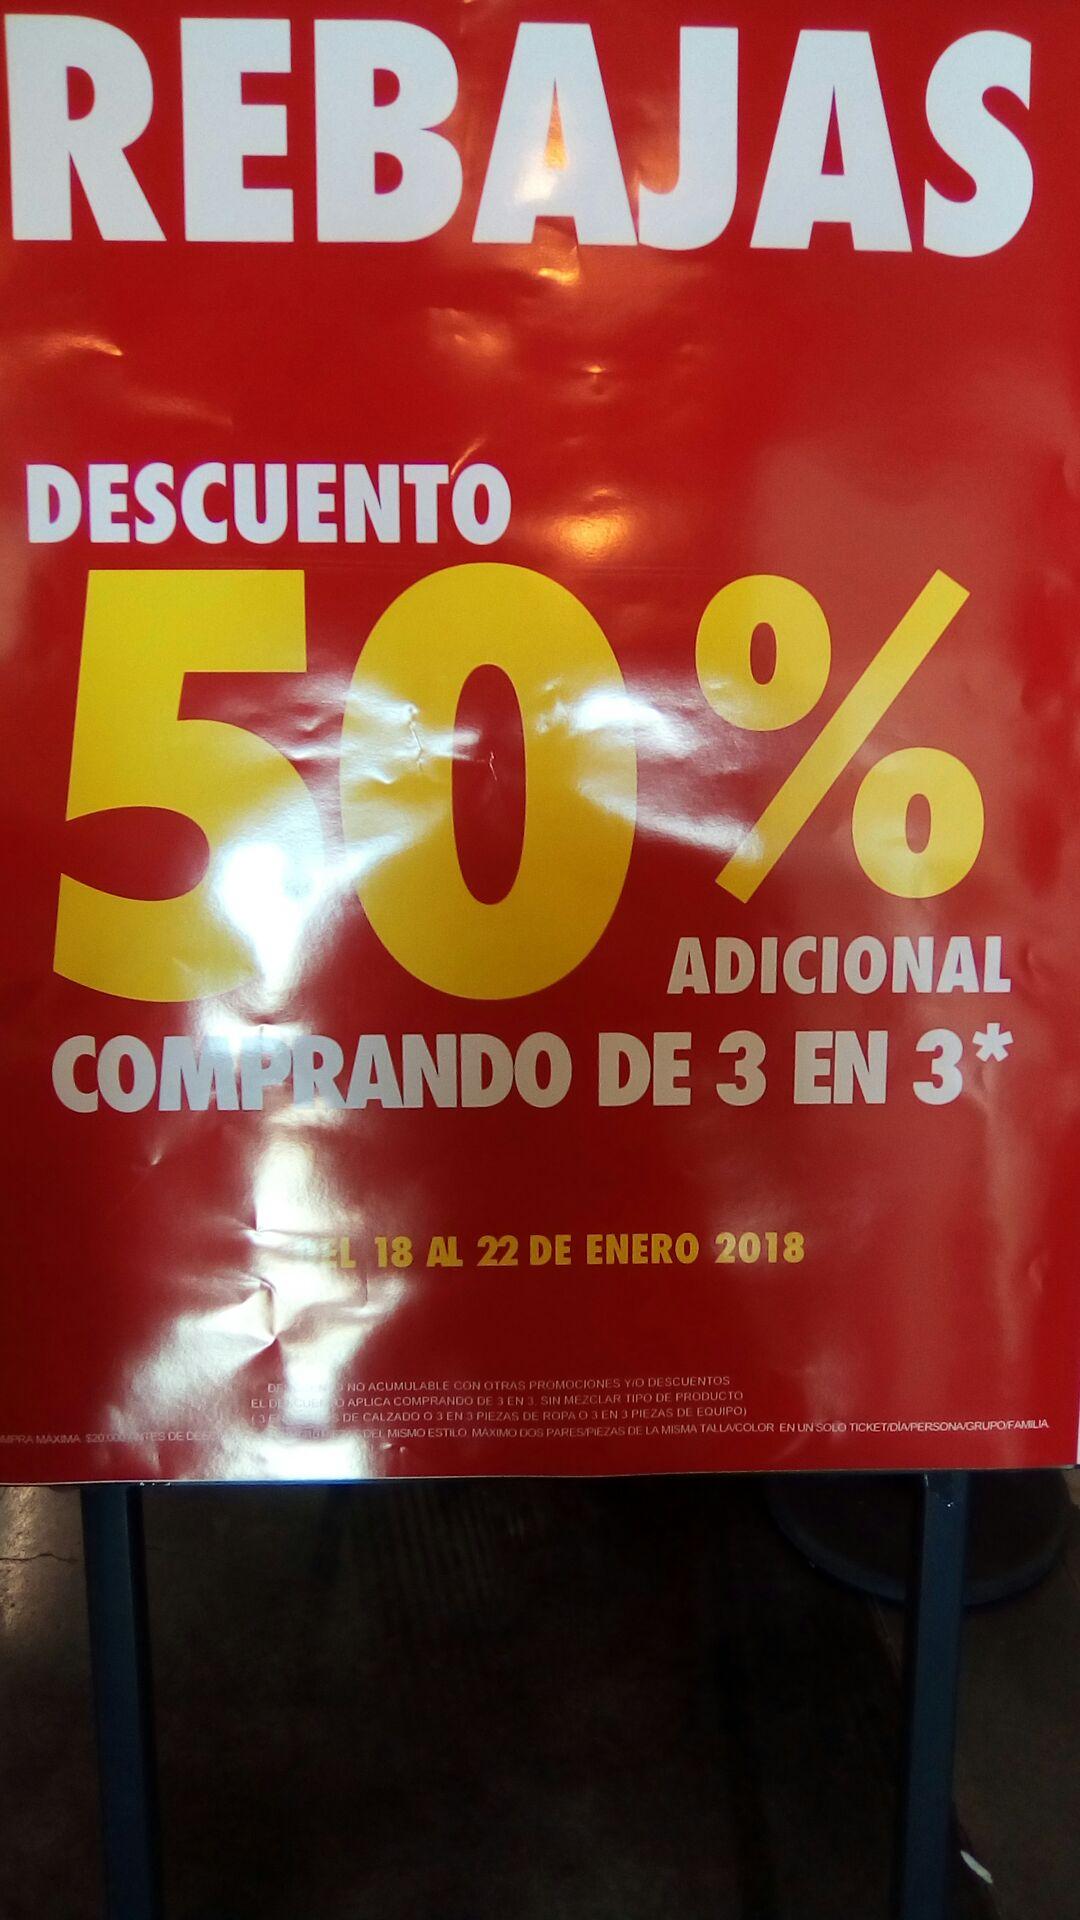 Nike Factory Store: 50% de descuento comprando de 3 en 3